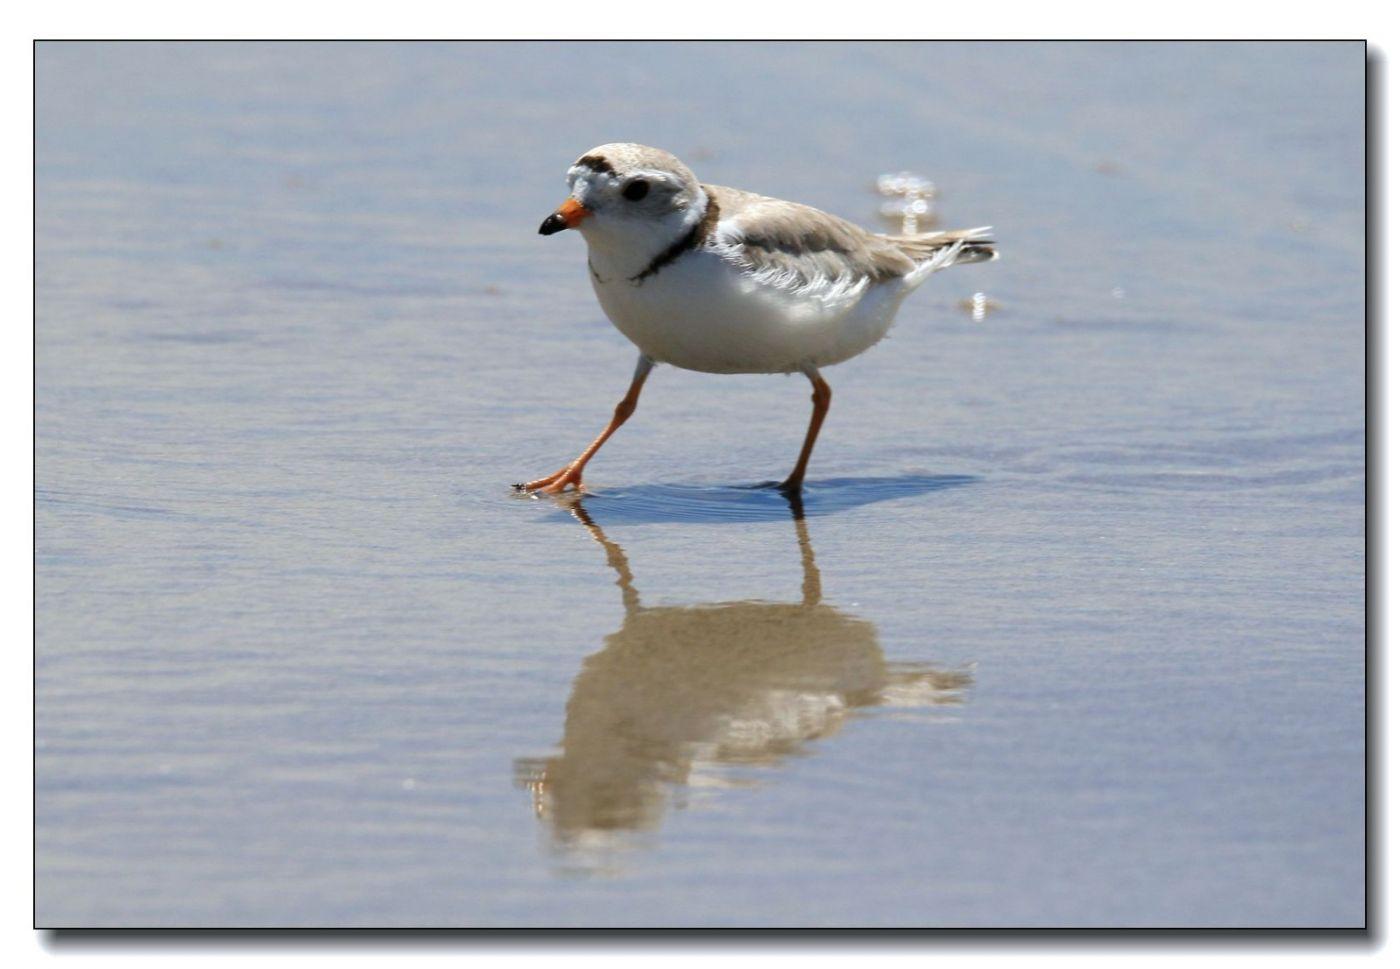 洛克威海滩拍鸟—环颈鸻_图1-3